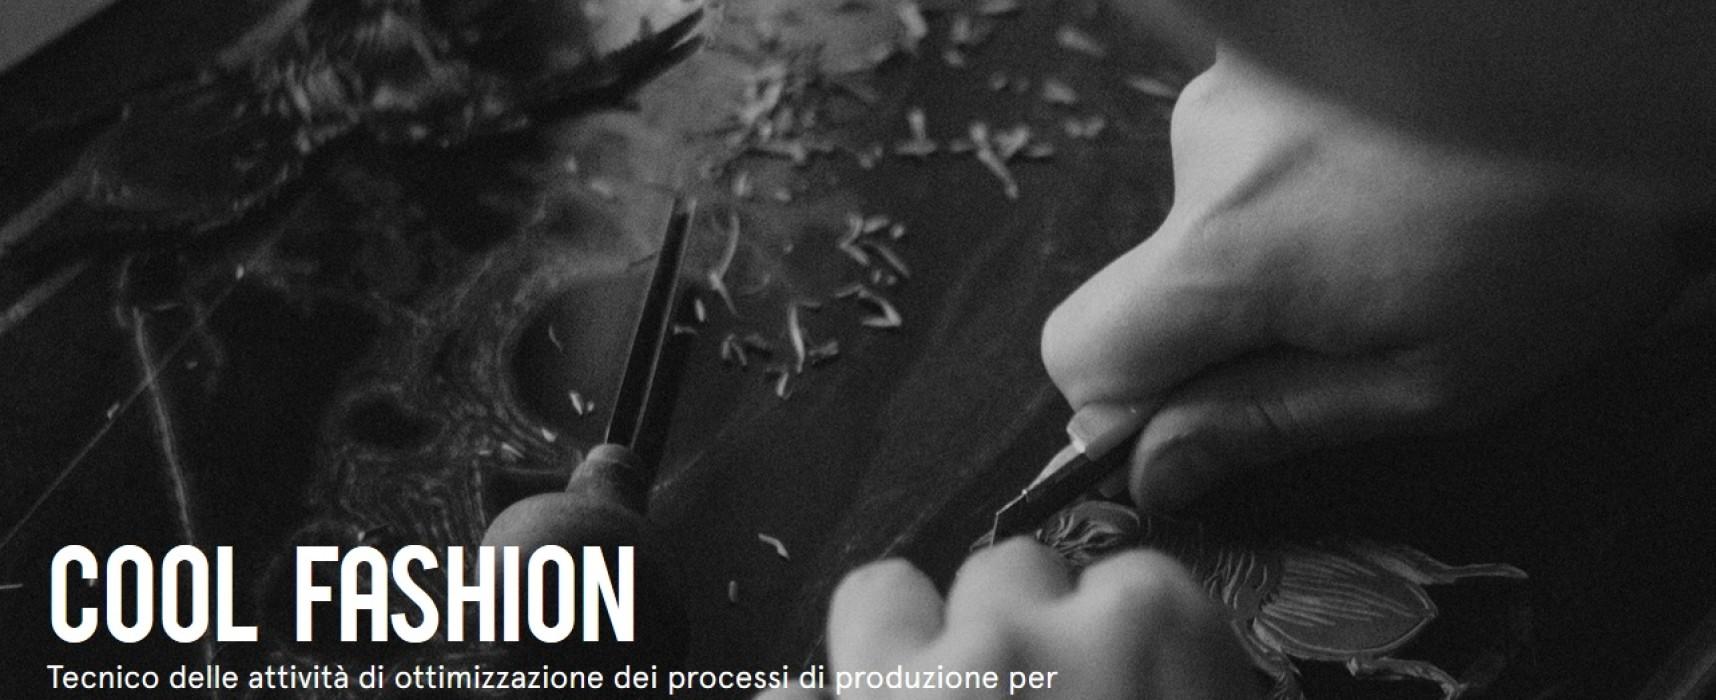 Polimoda Firenze: Corso GRATUITO di qualifica professionale settore prototipia pelletteria COOL FASHION